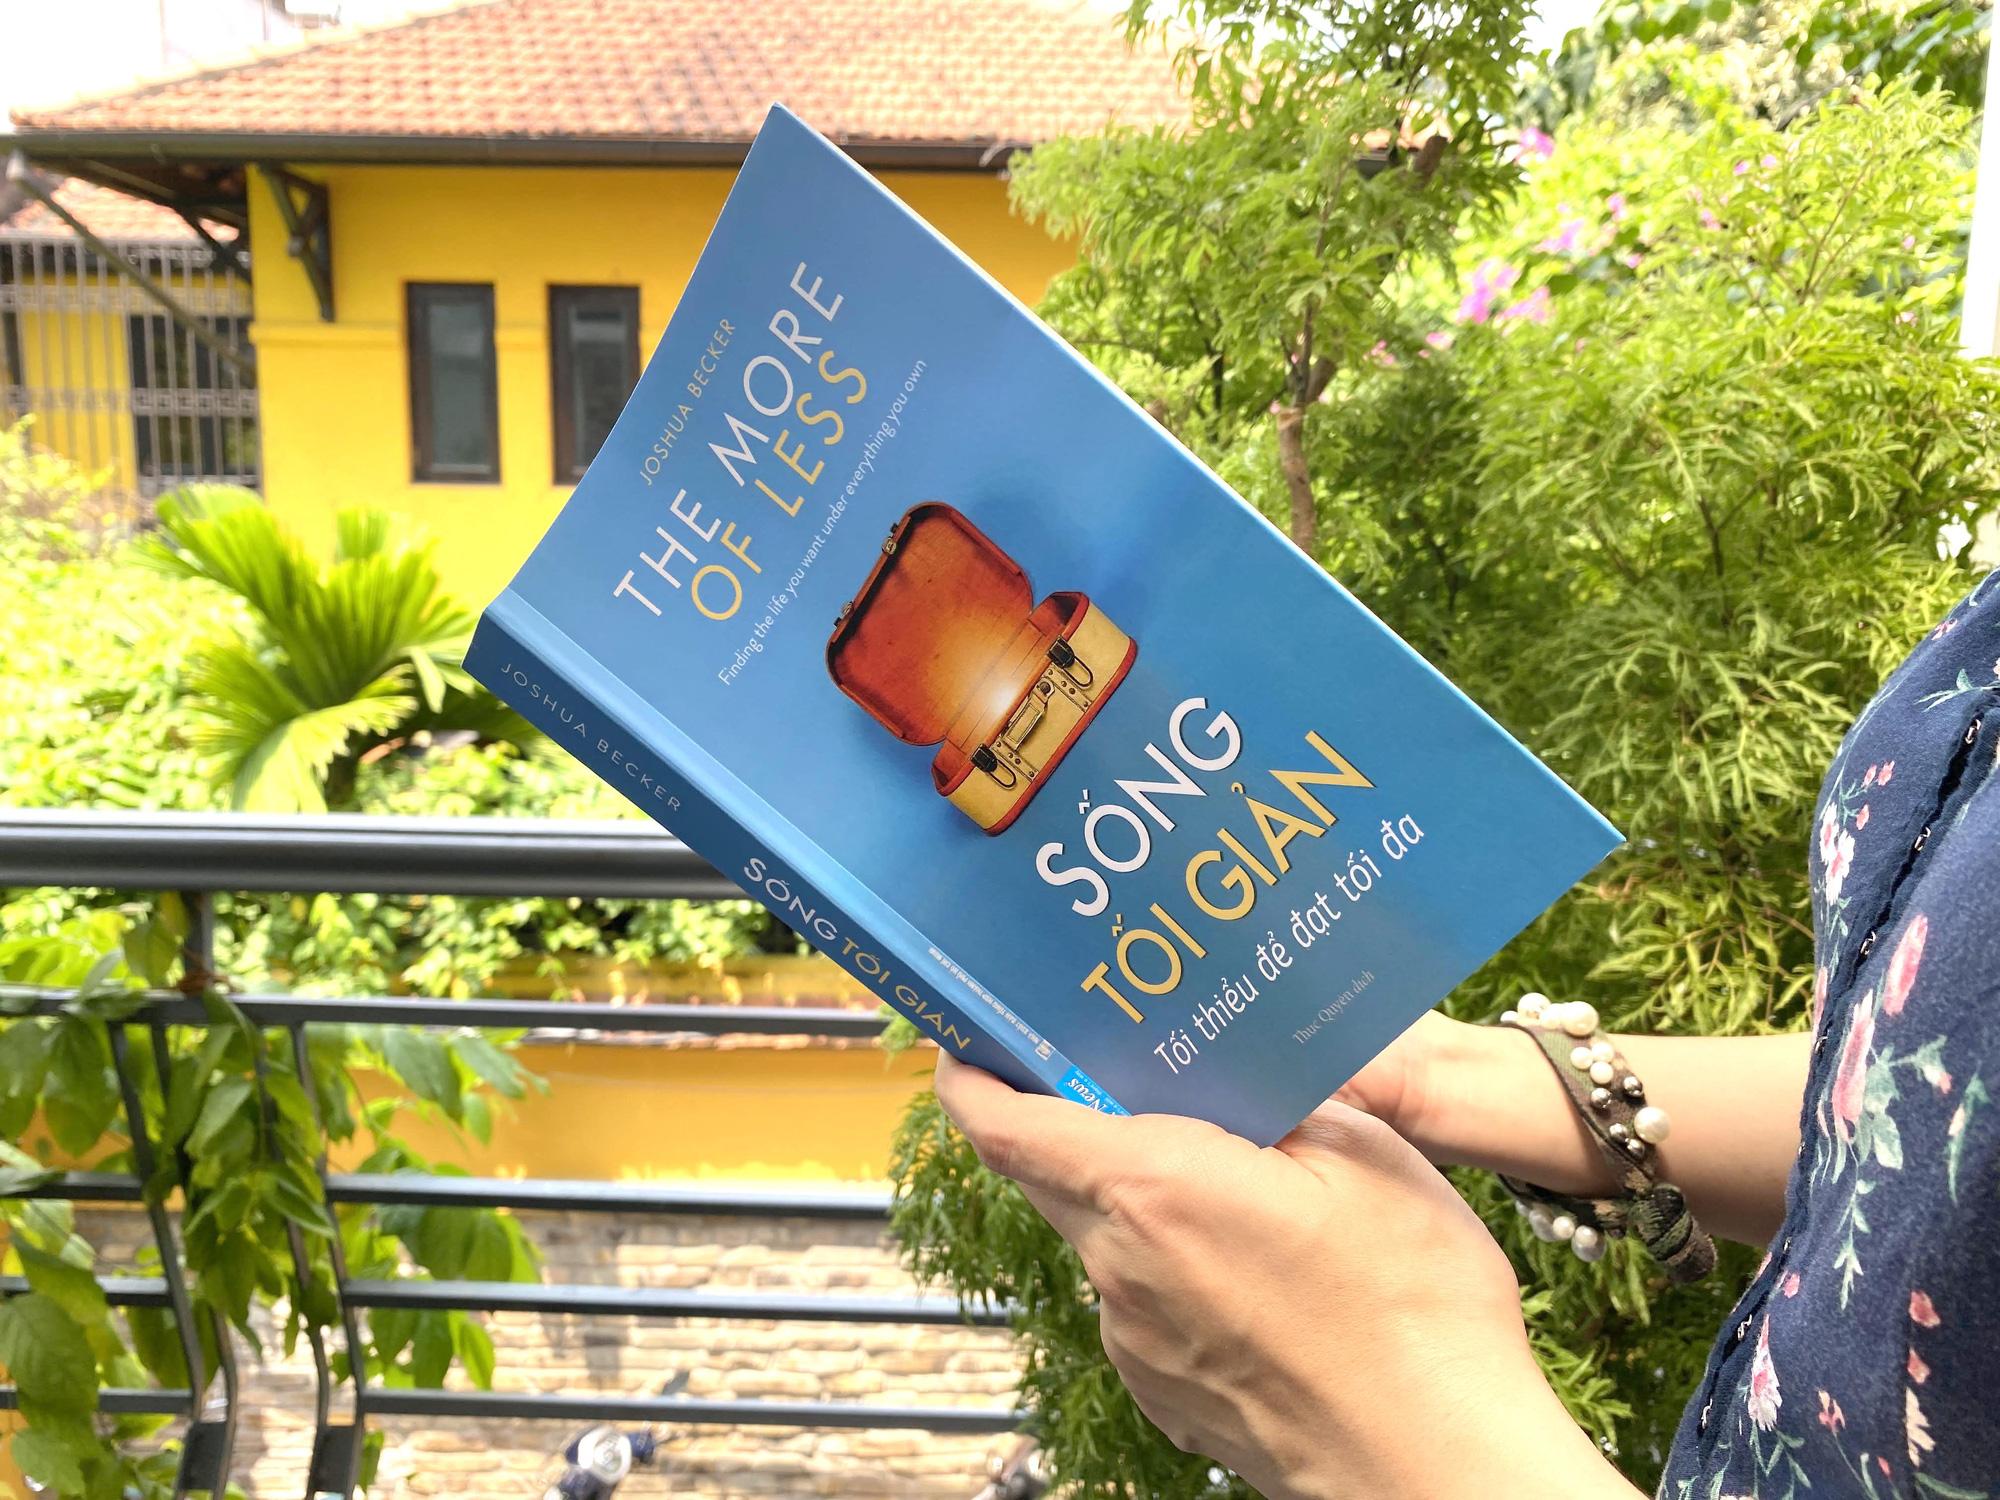 Cuốn sách đi ngược quan niệm sai lầm rằng sống tối giản là từ bỏ mọi thứ - Ảnh 1.